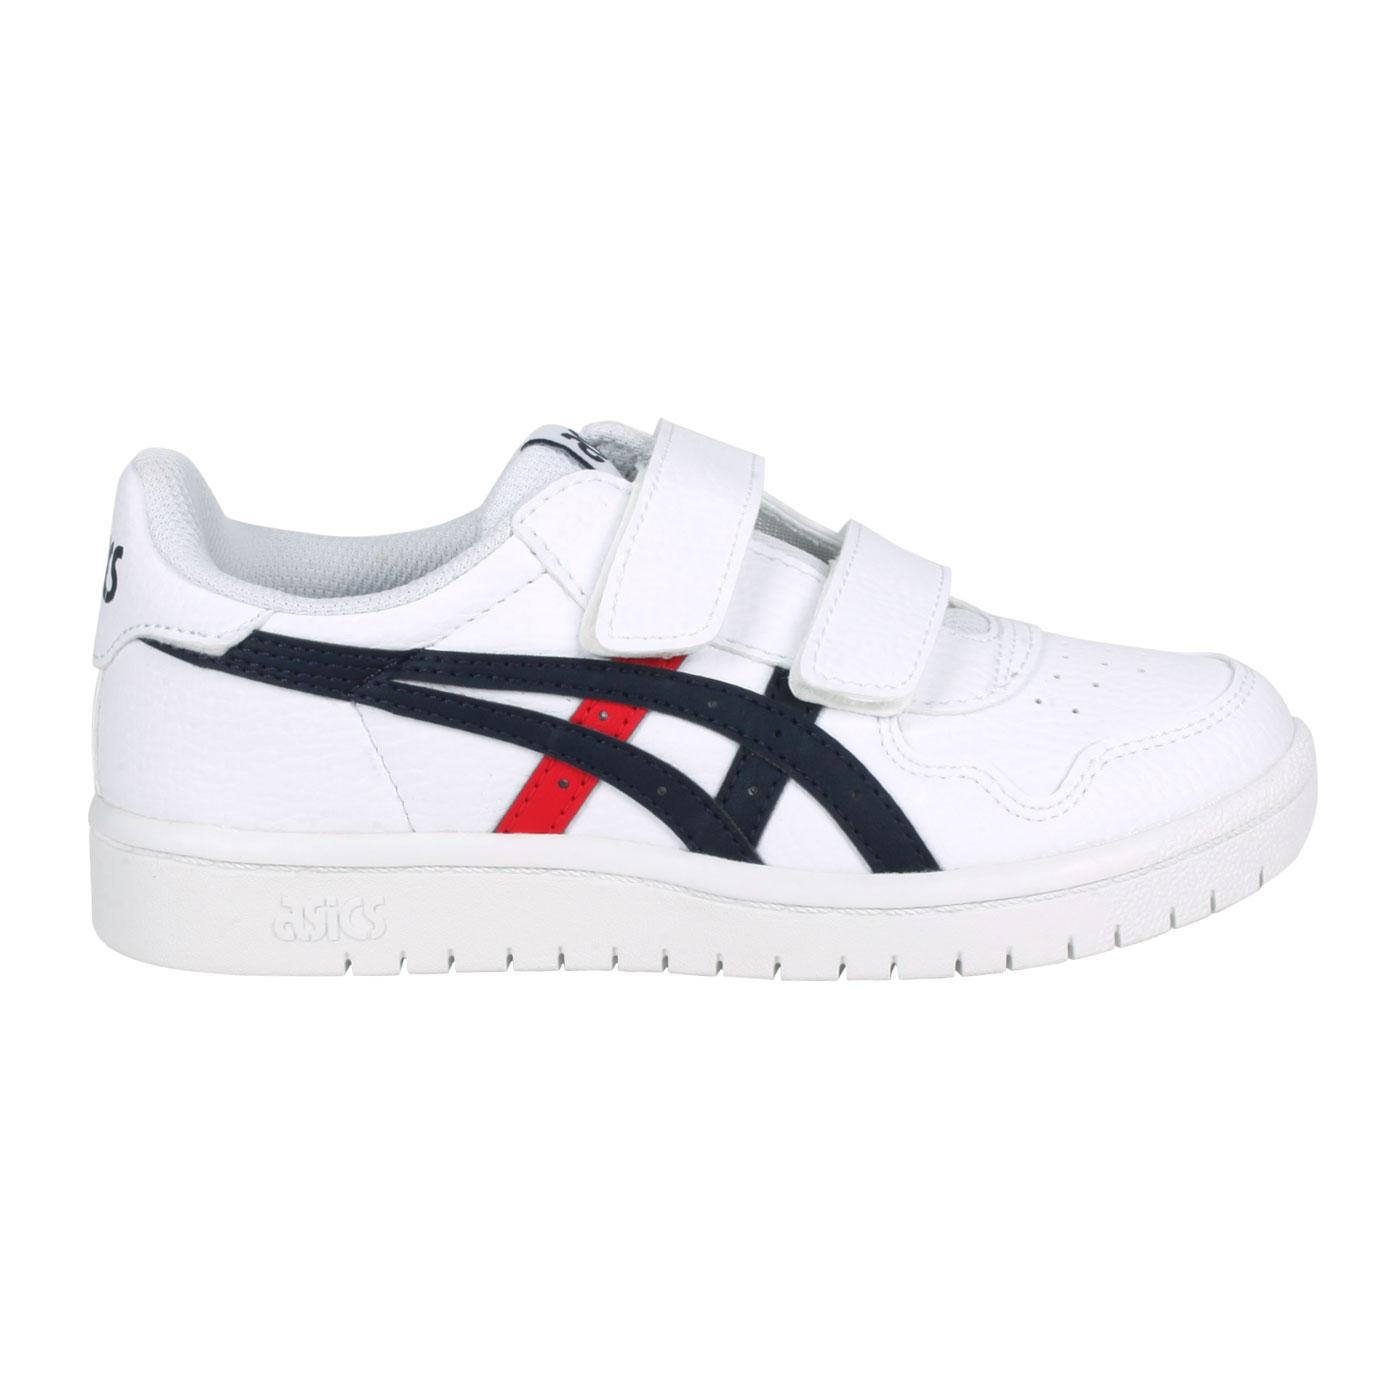 ASICS 中童運動鞋  @JAPAN S PS@1194A077-103